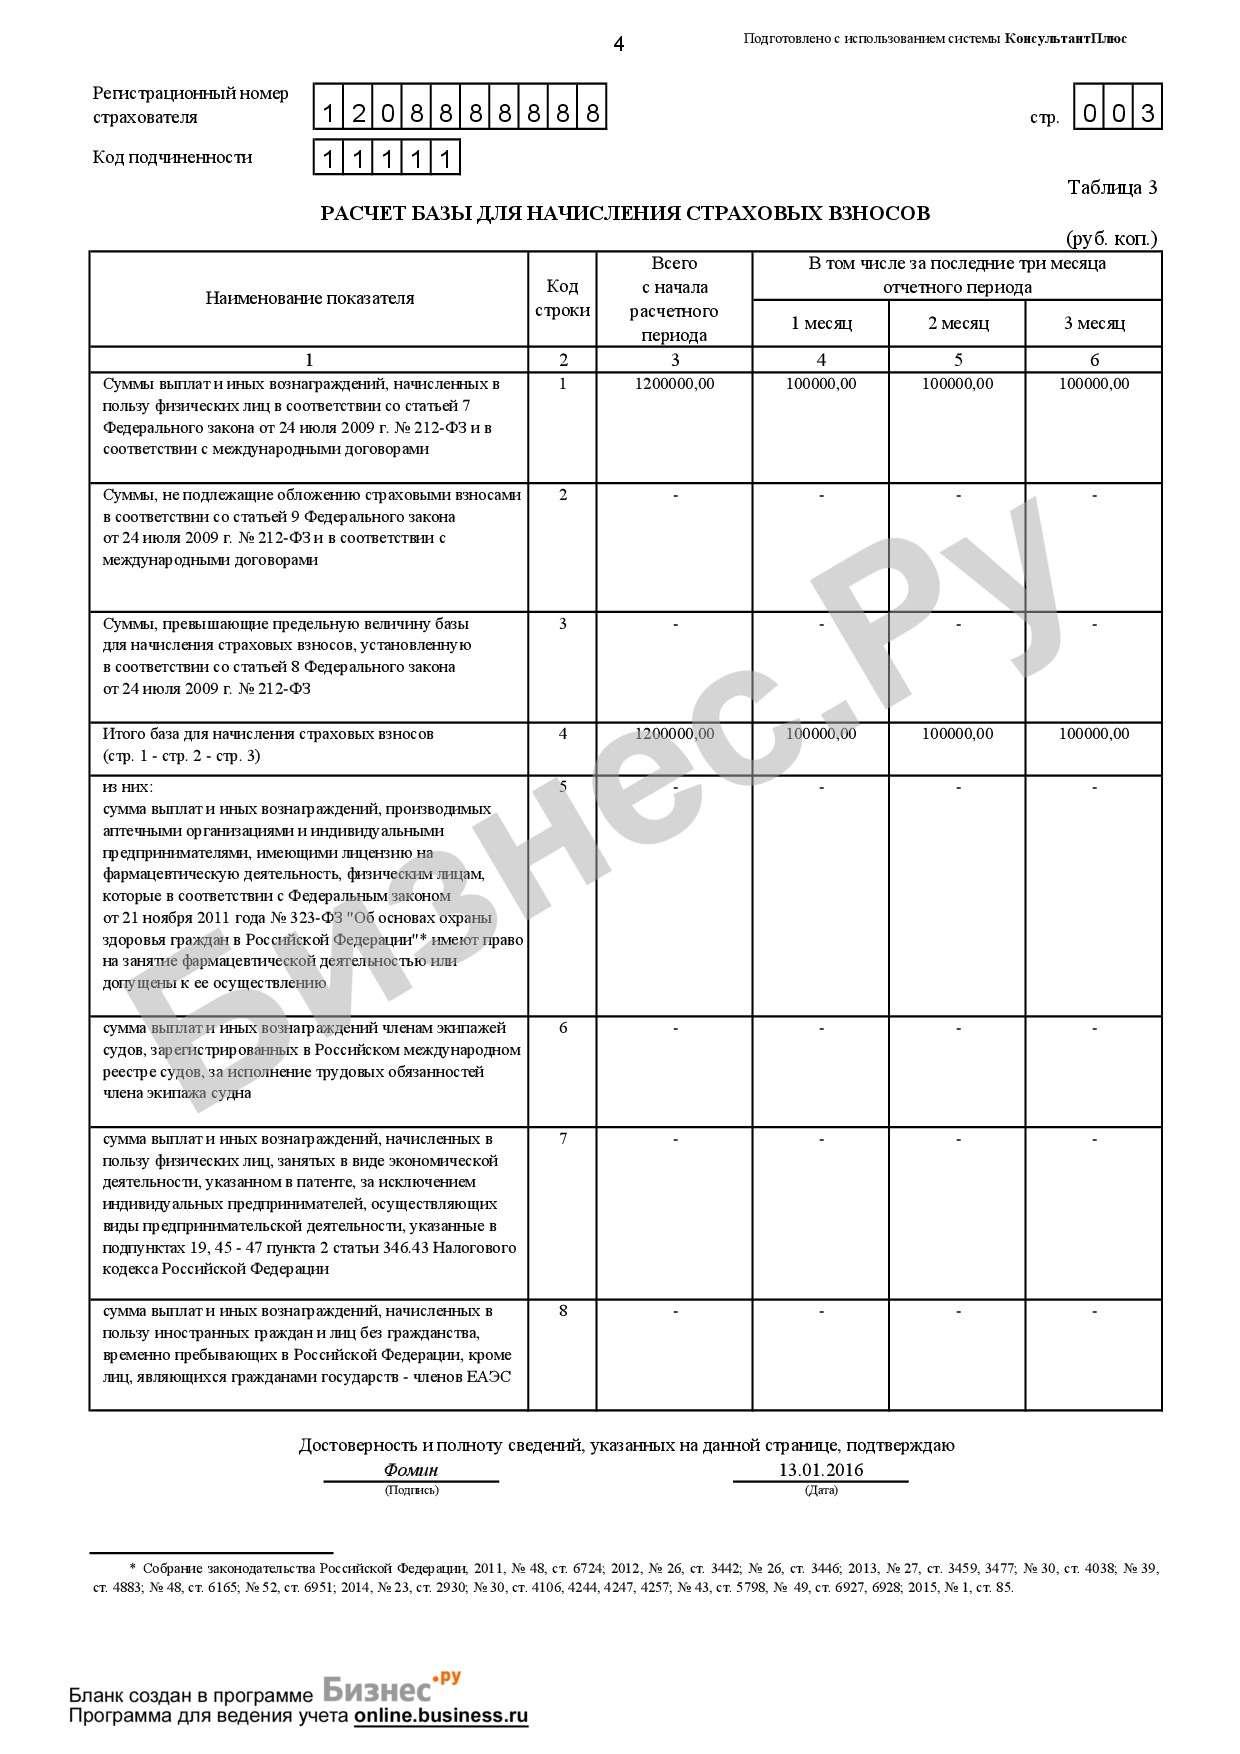 новый с изменениями бланк фсс за 1 квартал 2014